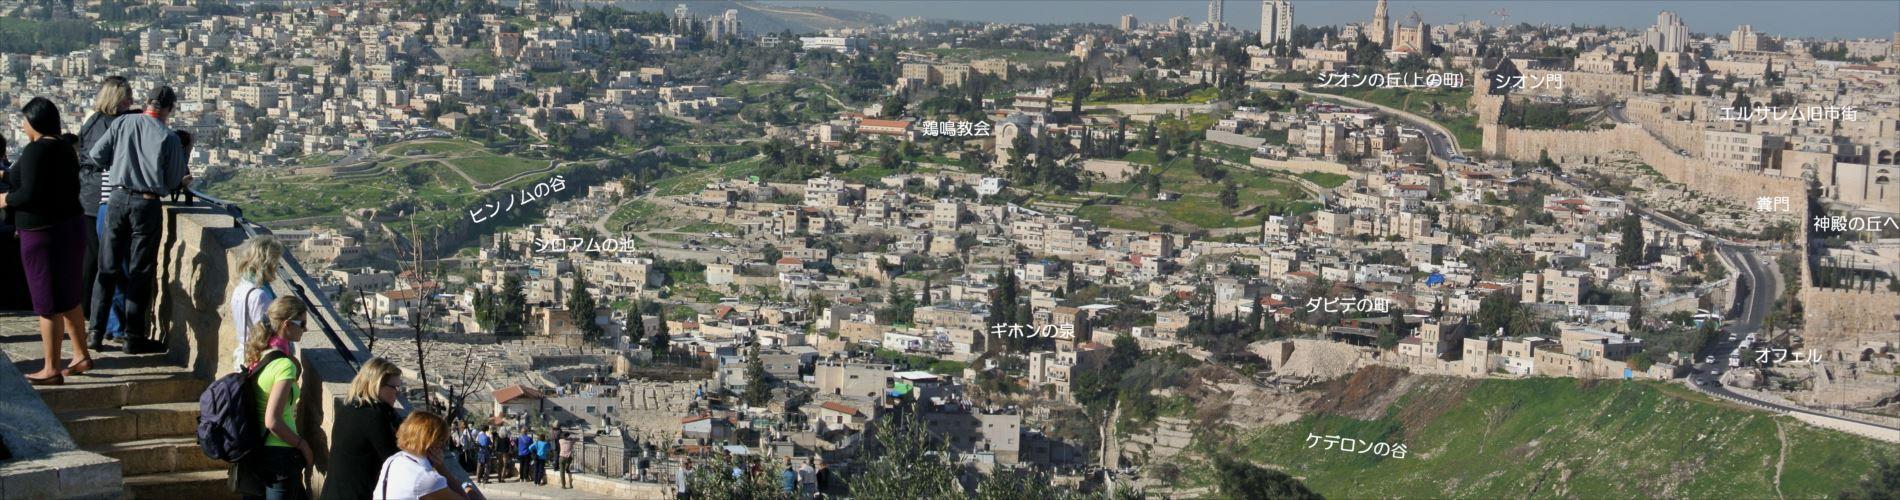 ダビデの町